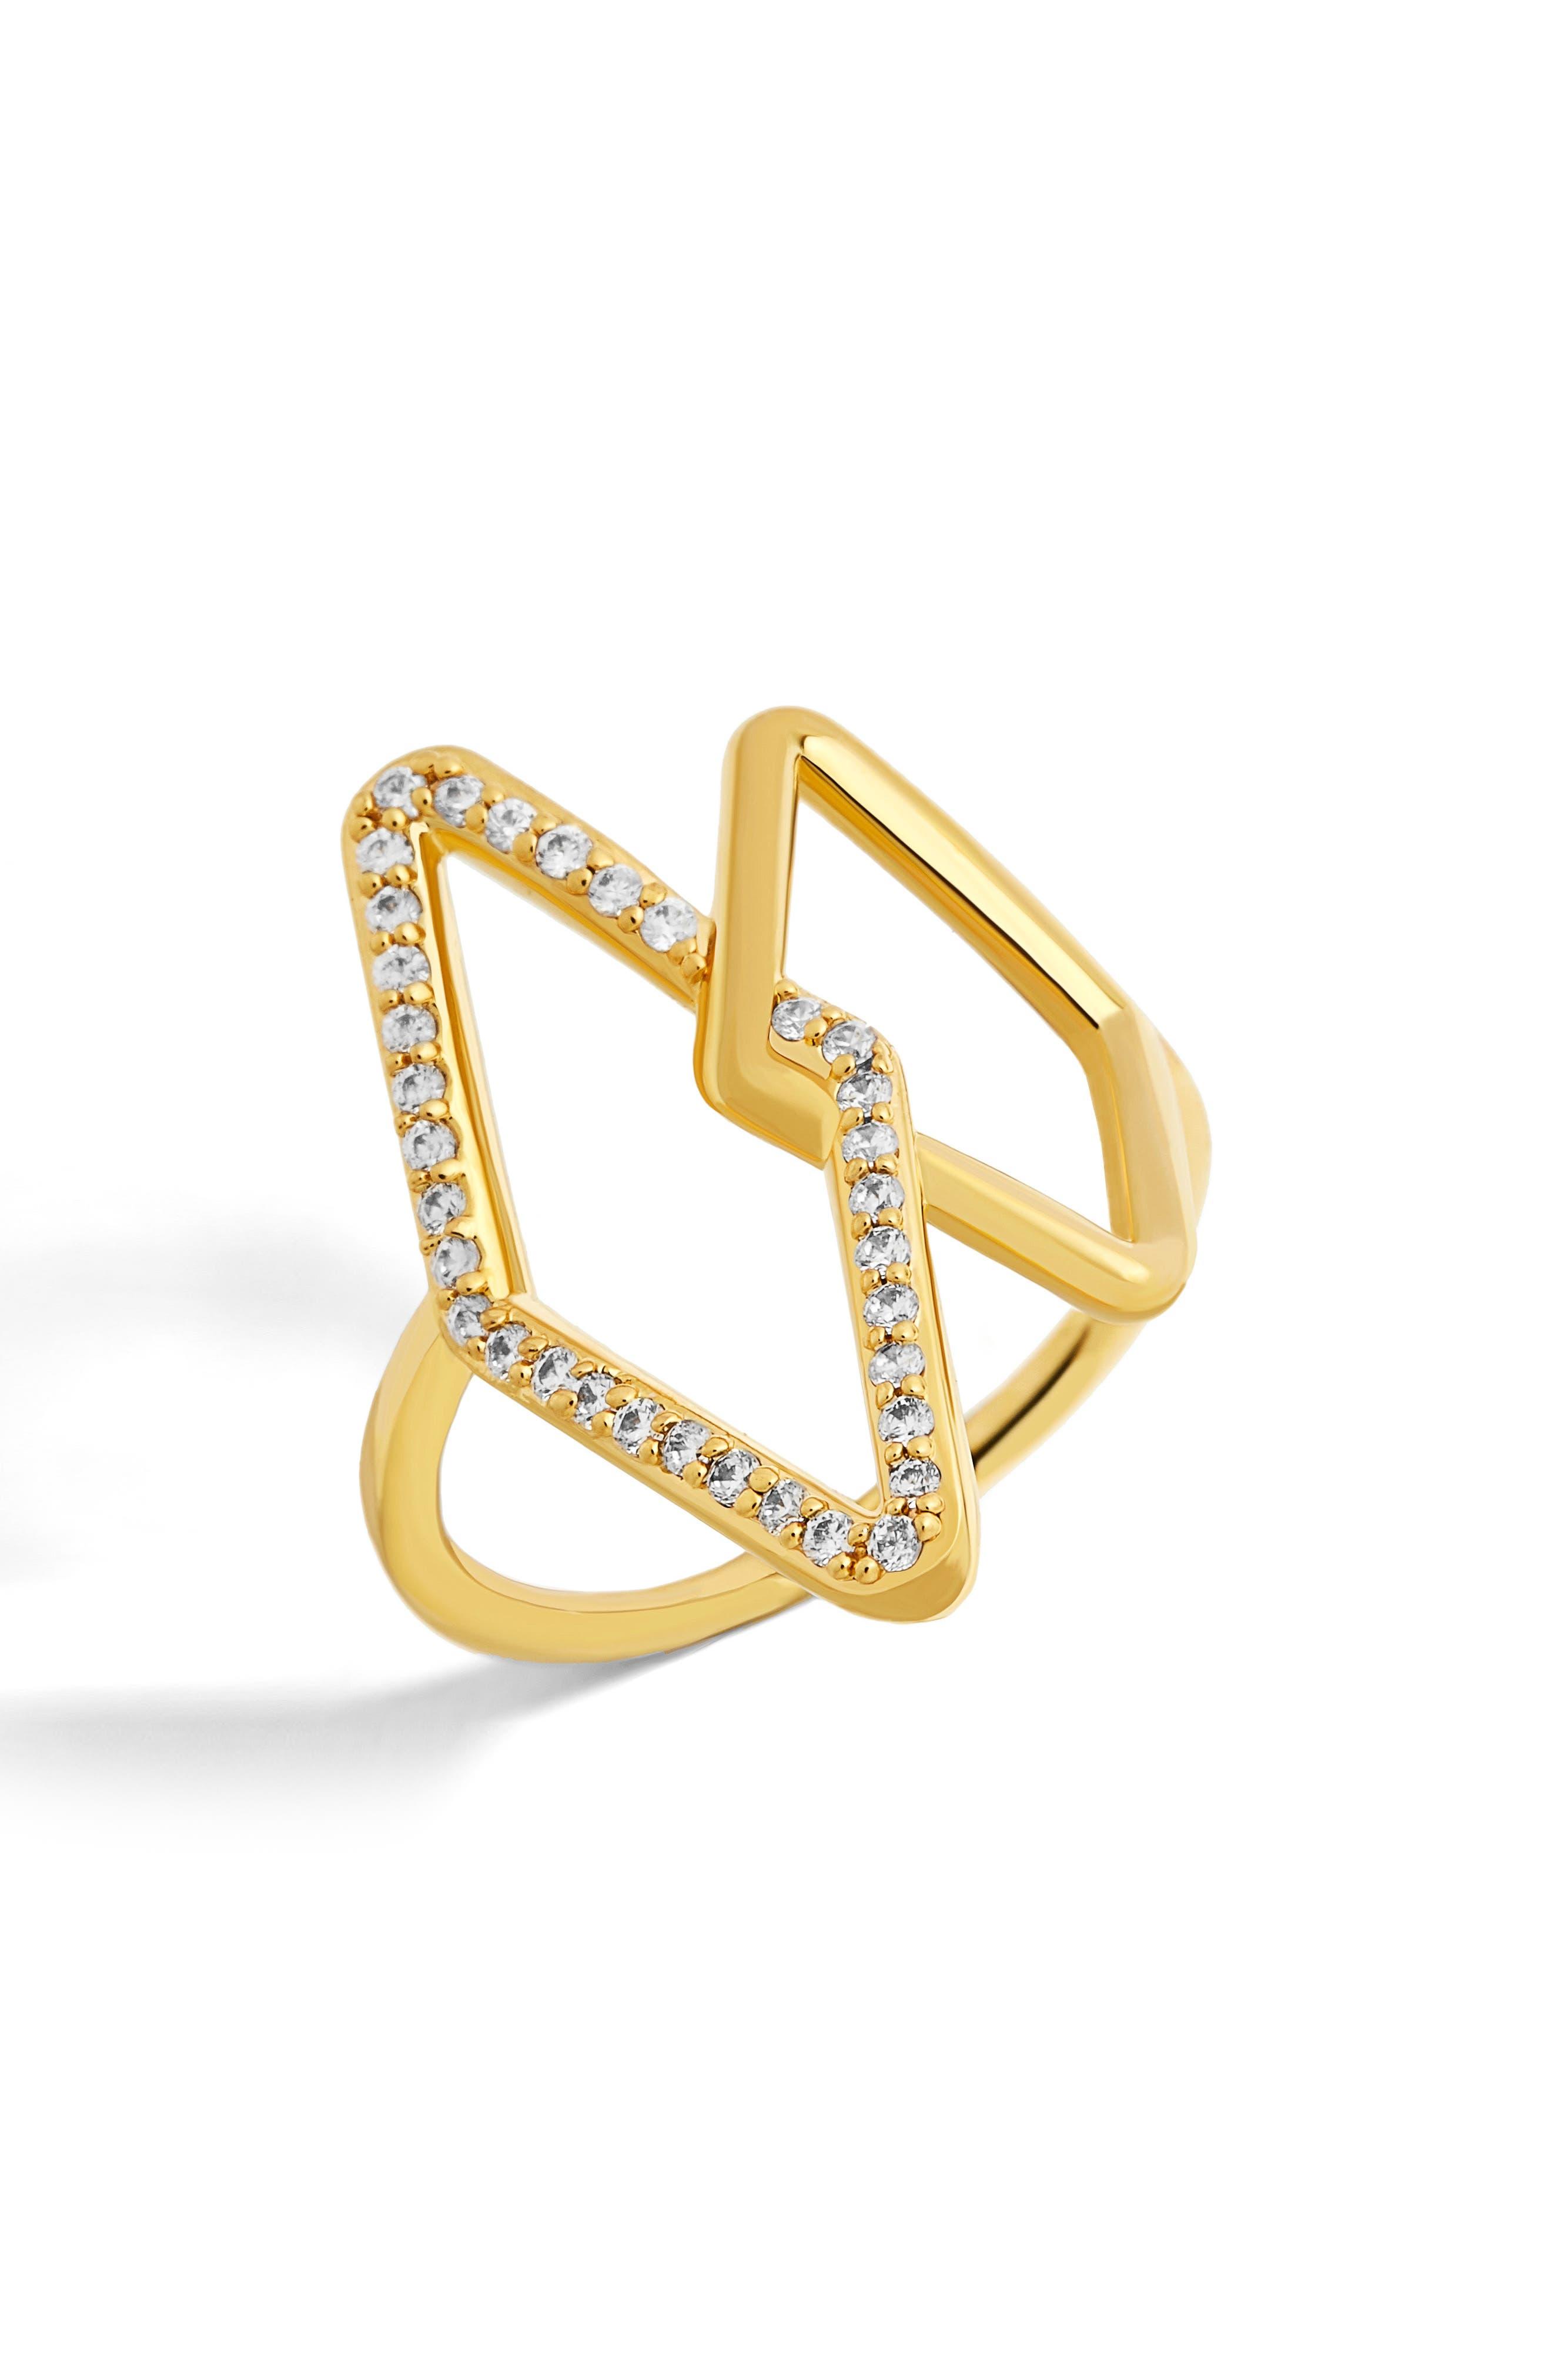 Main Image - BaubleBar Triangulum Ring